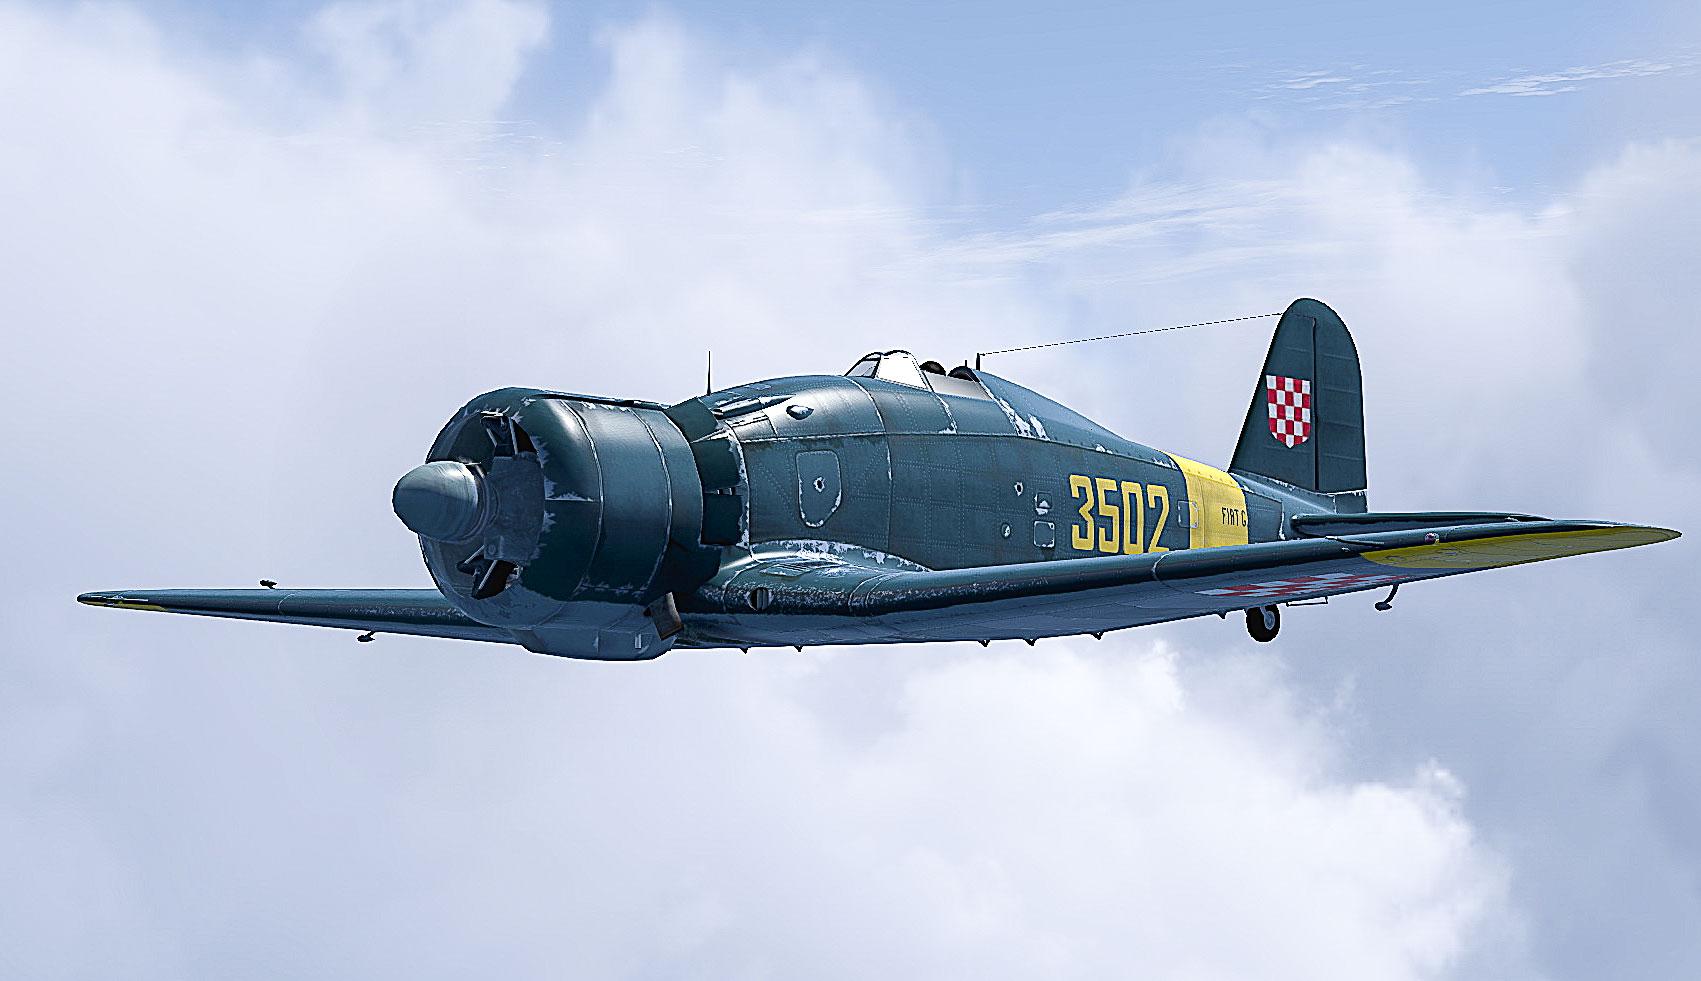 My weekend so far: FIAT G.50 COD-asisbiz-Fiat-G50-Freccia-Croatian-AF-ZNDH-12-Squadron-No-3502-Croatia-1942-V03